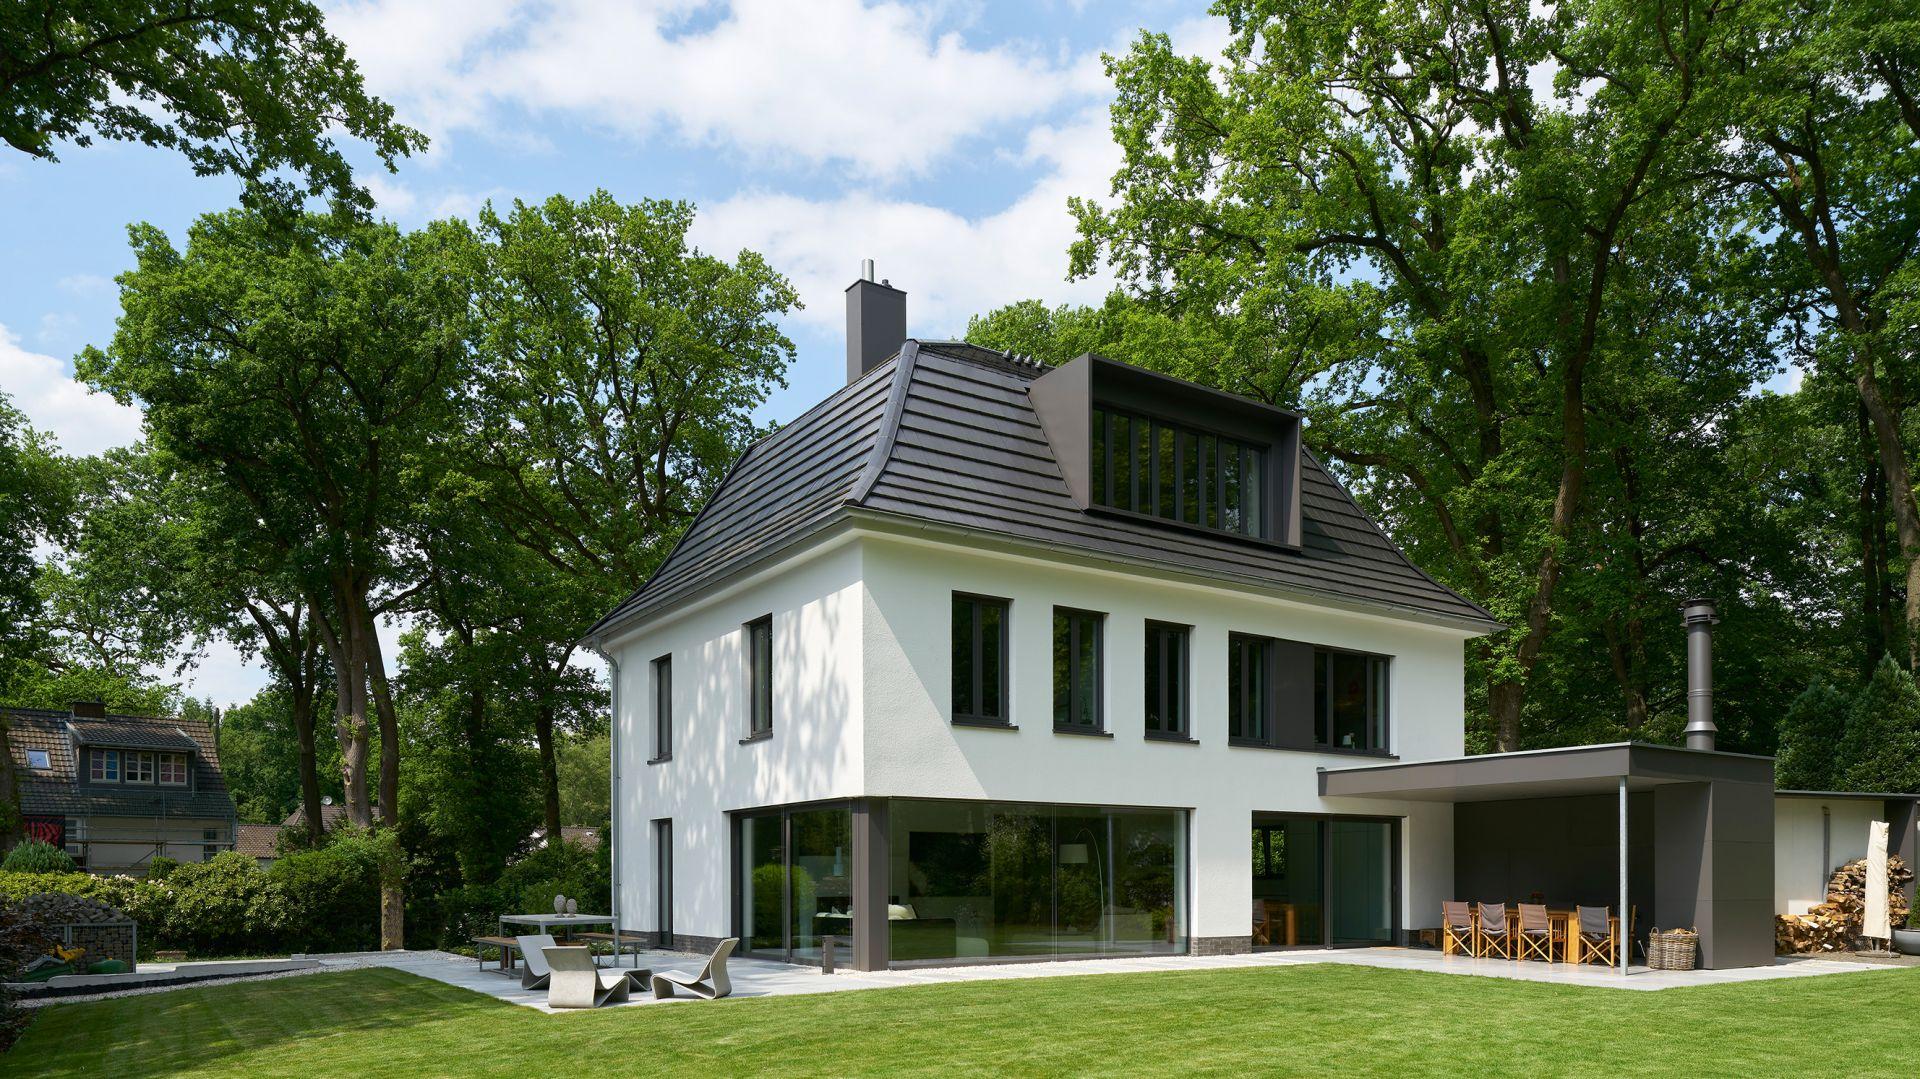 Całkowicie zrekonstruowano dach, a wewnętrzną strukturę przystosowano do indywidualnych wymagań członków rodziny. Fot. Schüco